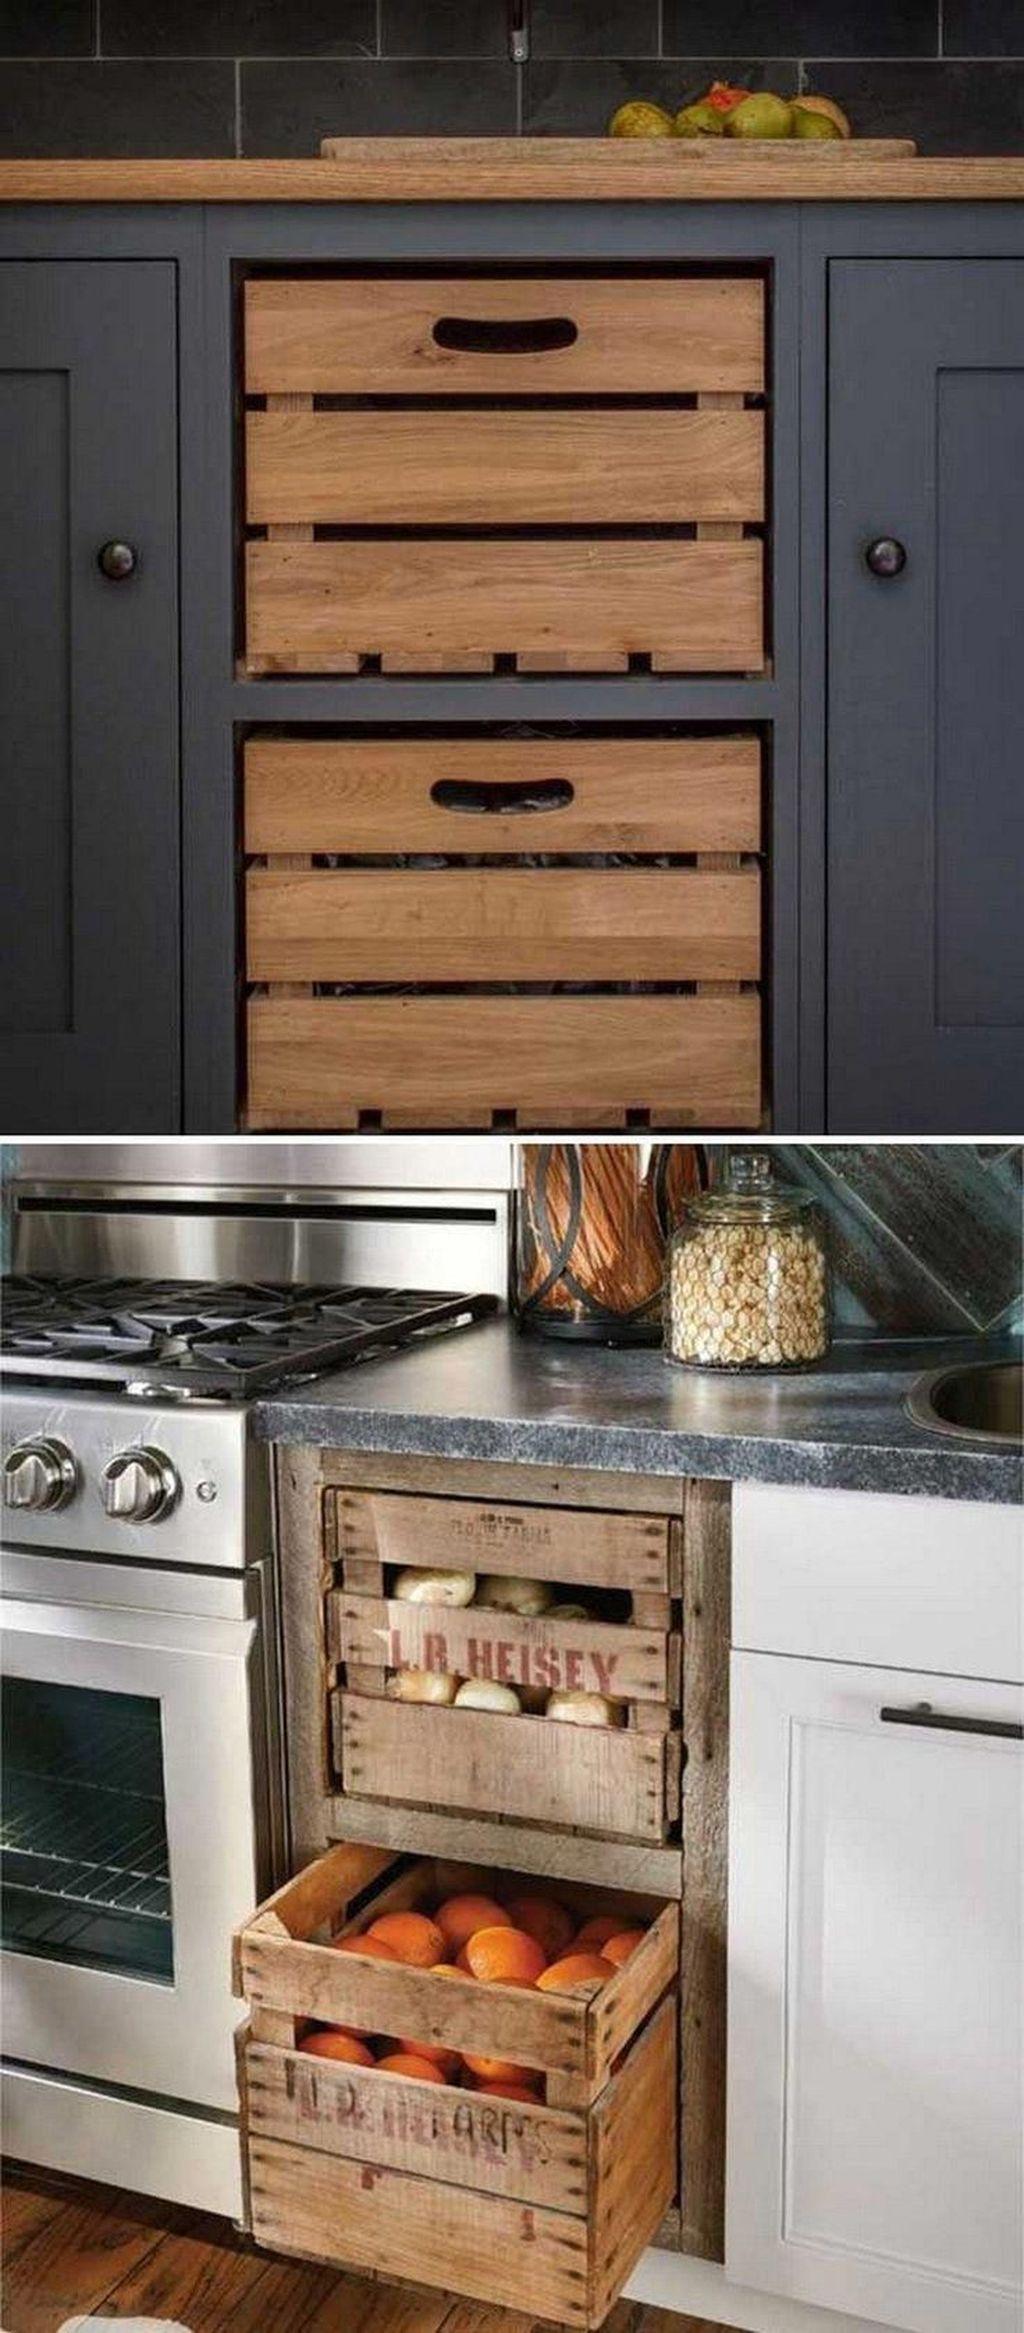 Amazing Organized Farmhouse Kitchen Decor Ideas 50